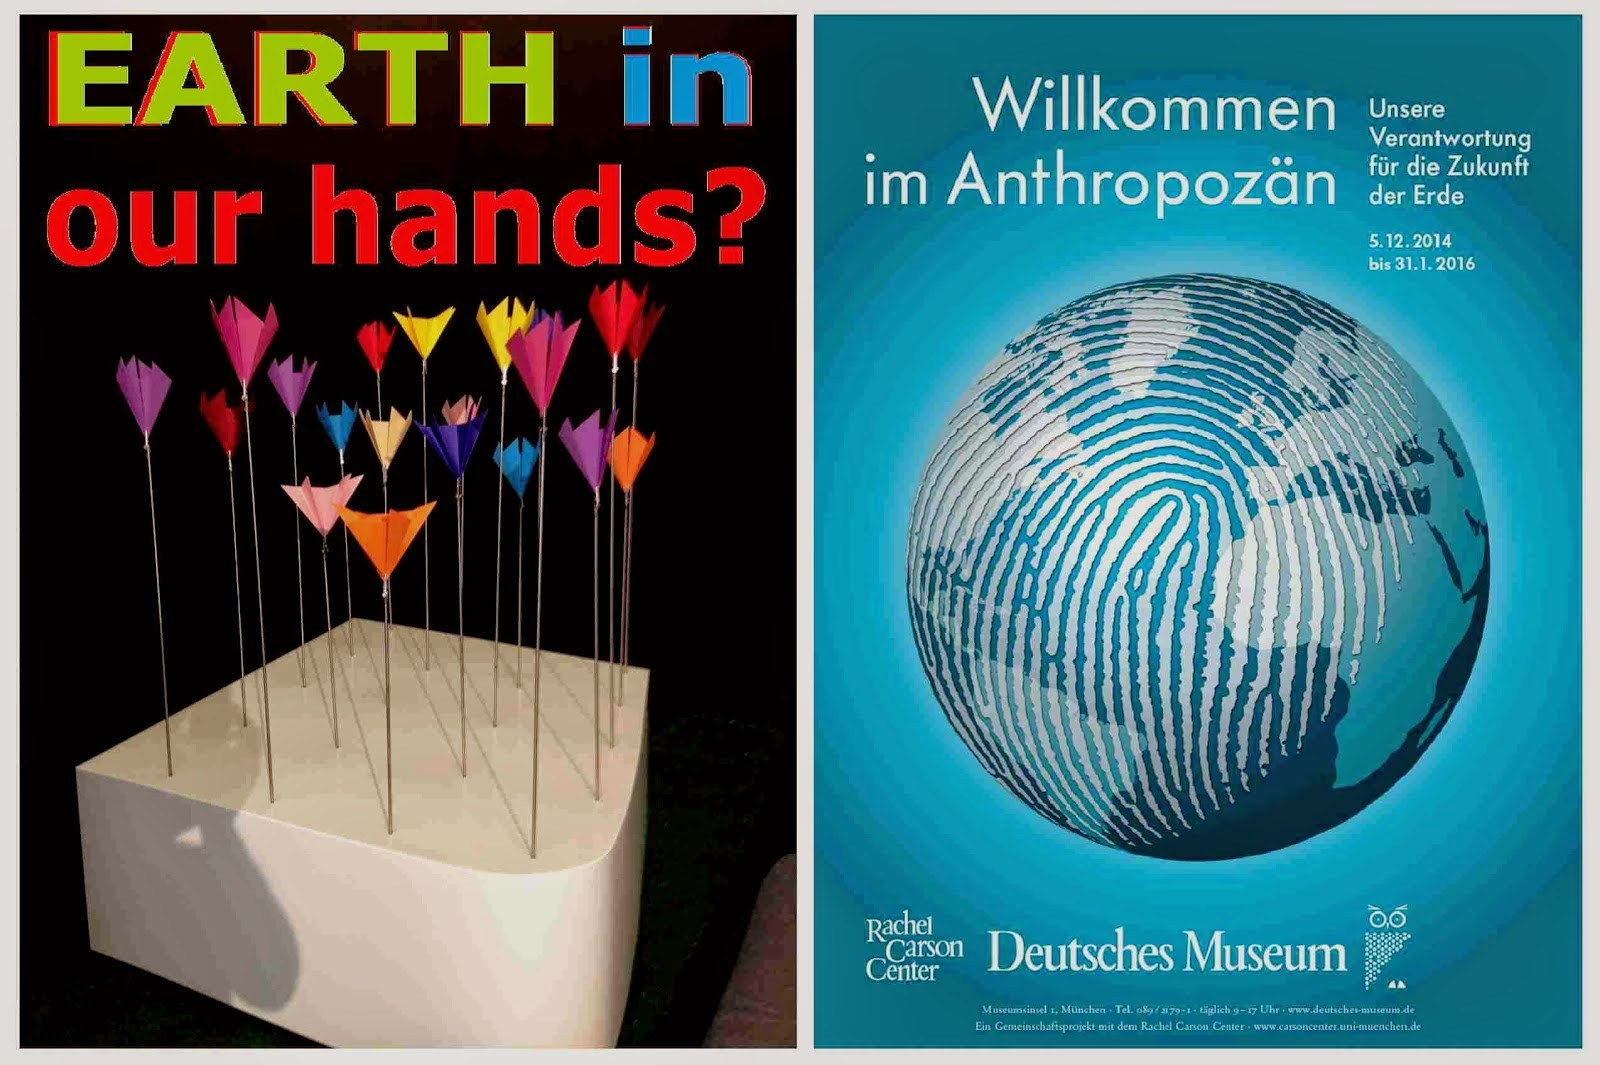 anthropozän deutsches museum münchen DIE GEISTIGE REVOLUTION - NATUR in unserer hand